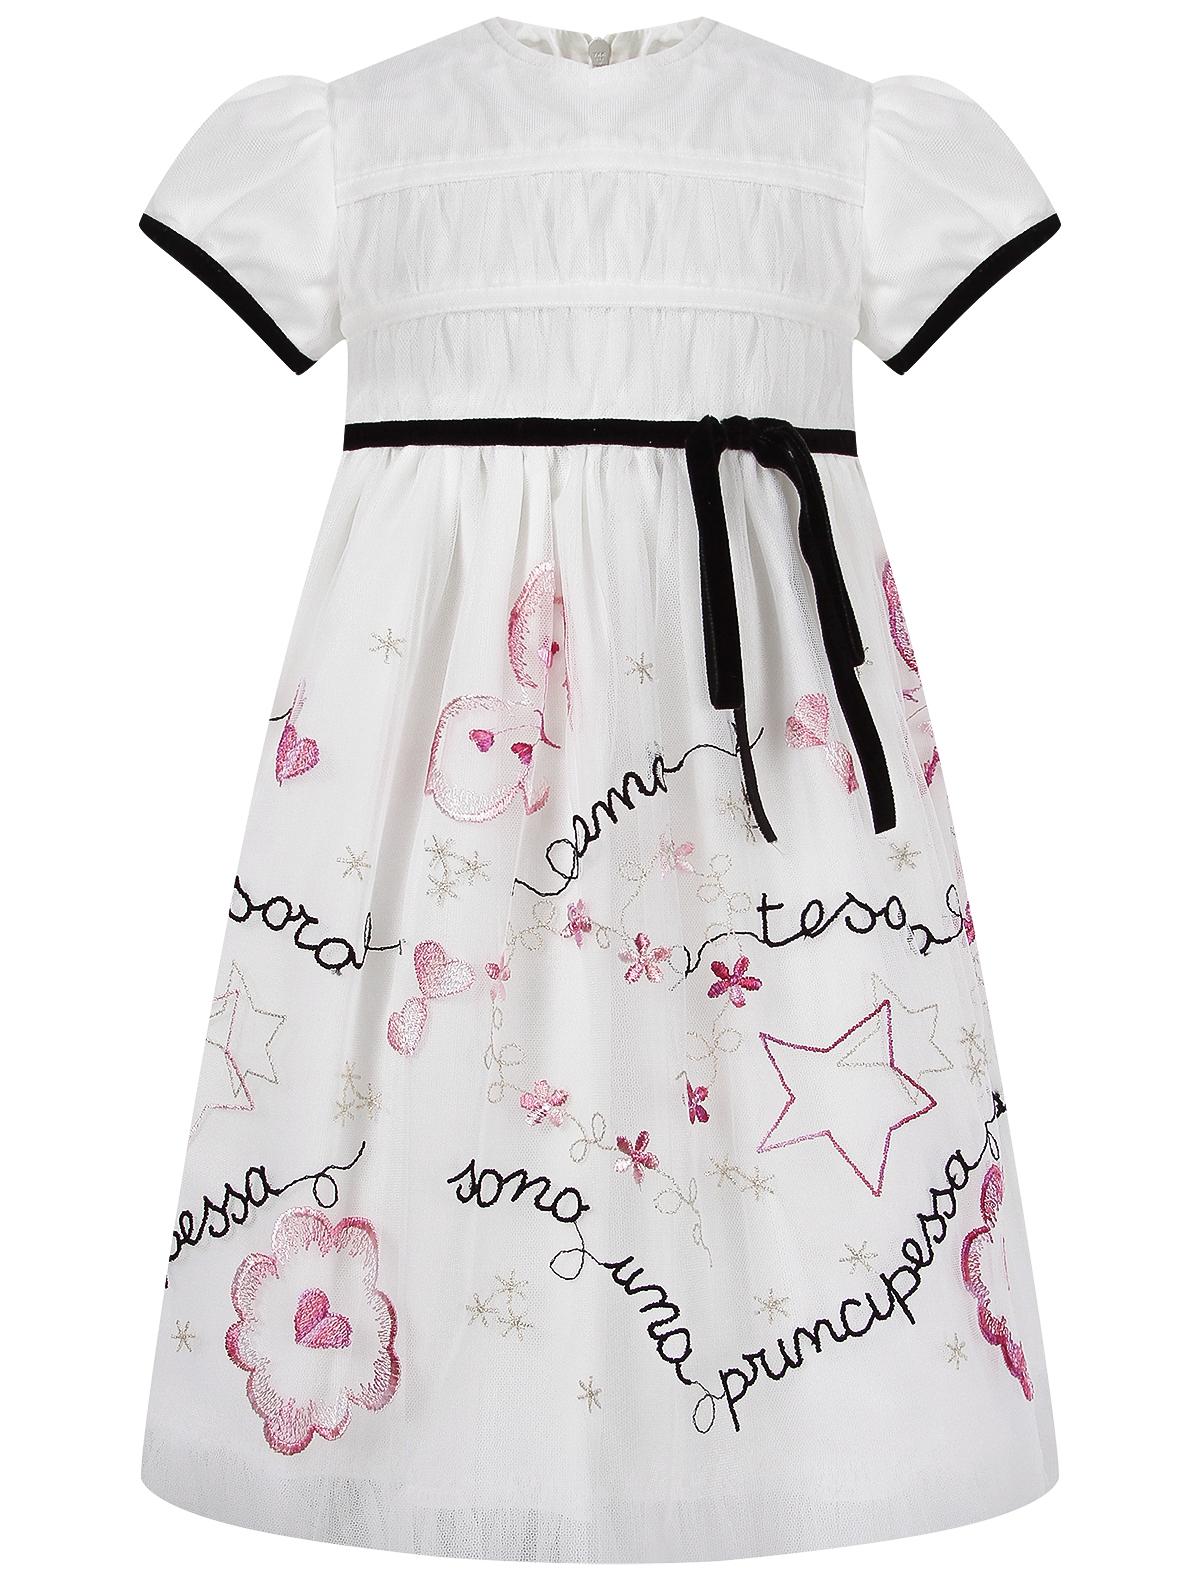 Купить 2048524, Платье Aletta, белый, Женский, 1051209980104